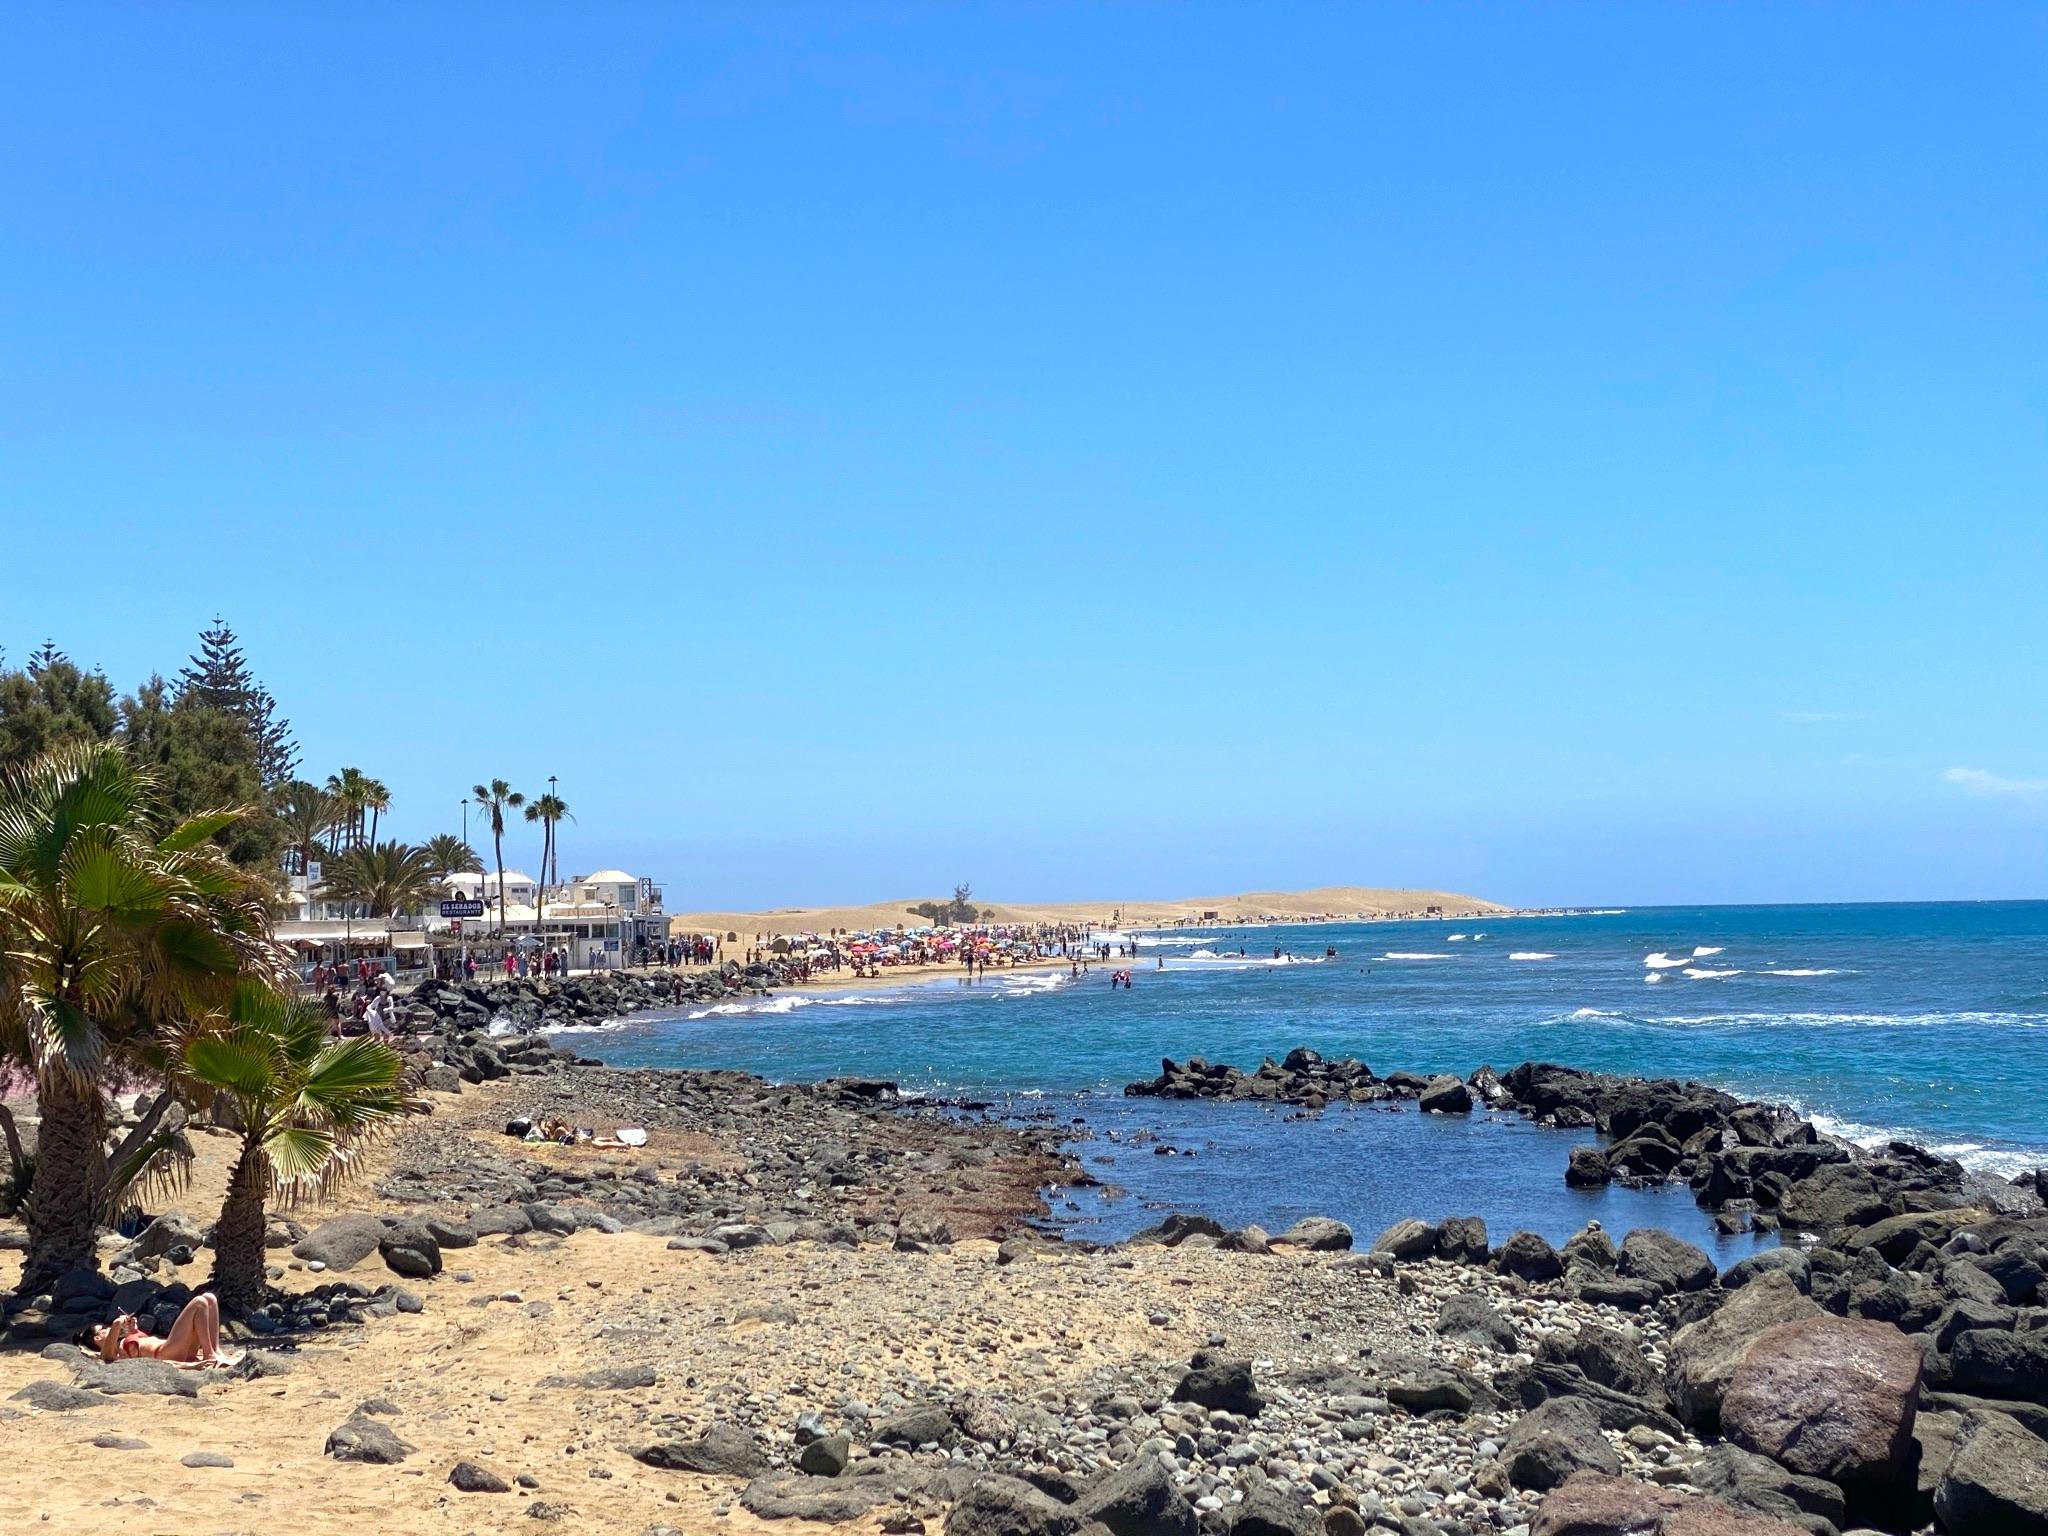 Playa del Ingles in Maspalomas